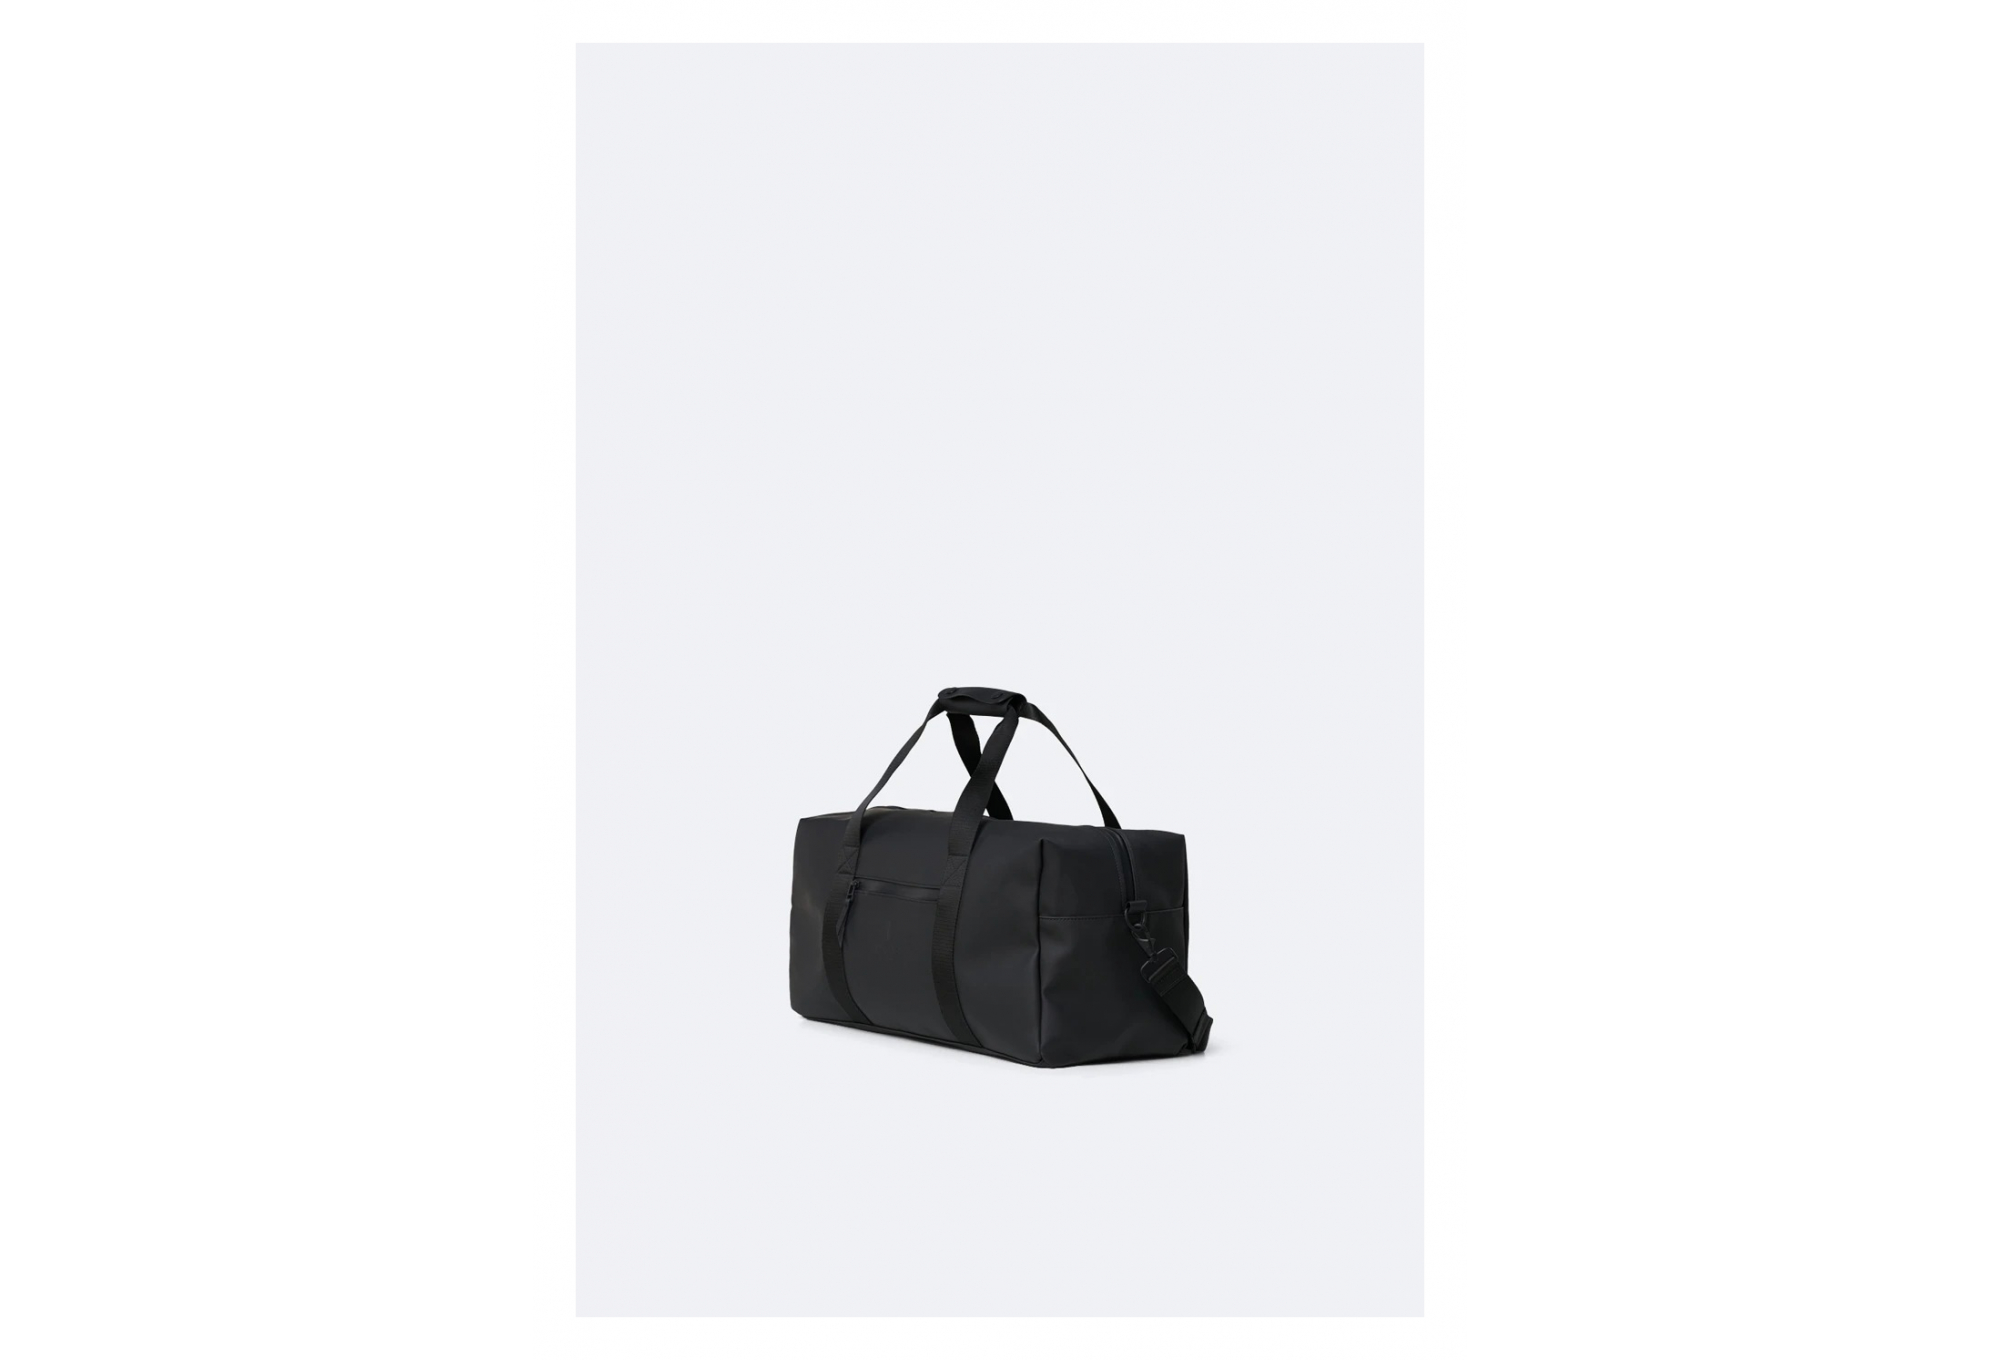 Gym Bag Sac De Voyage Imperm/éable Unisexe Noir RAINS Mod